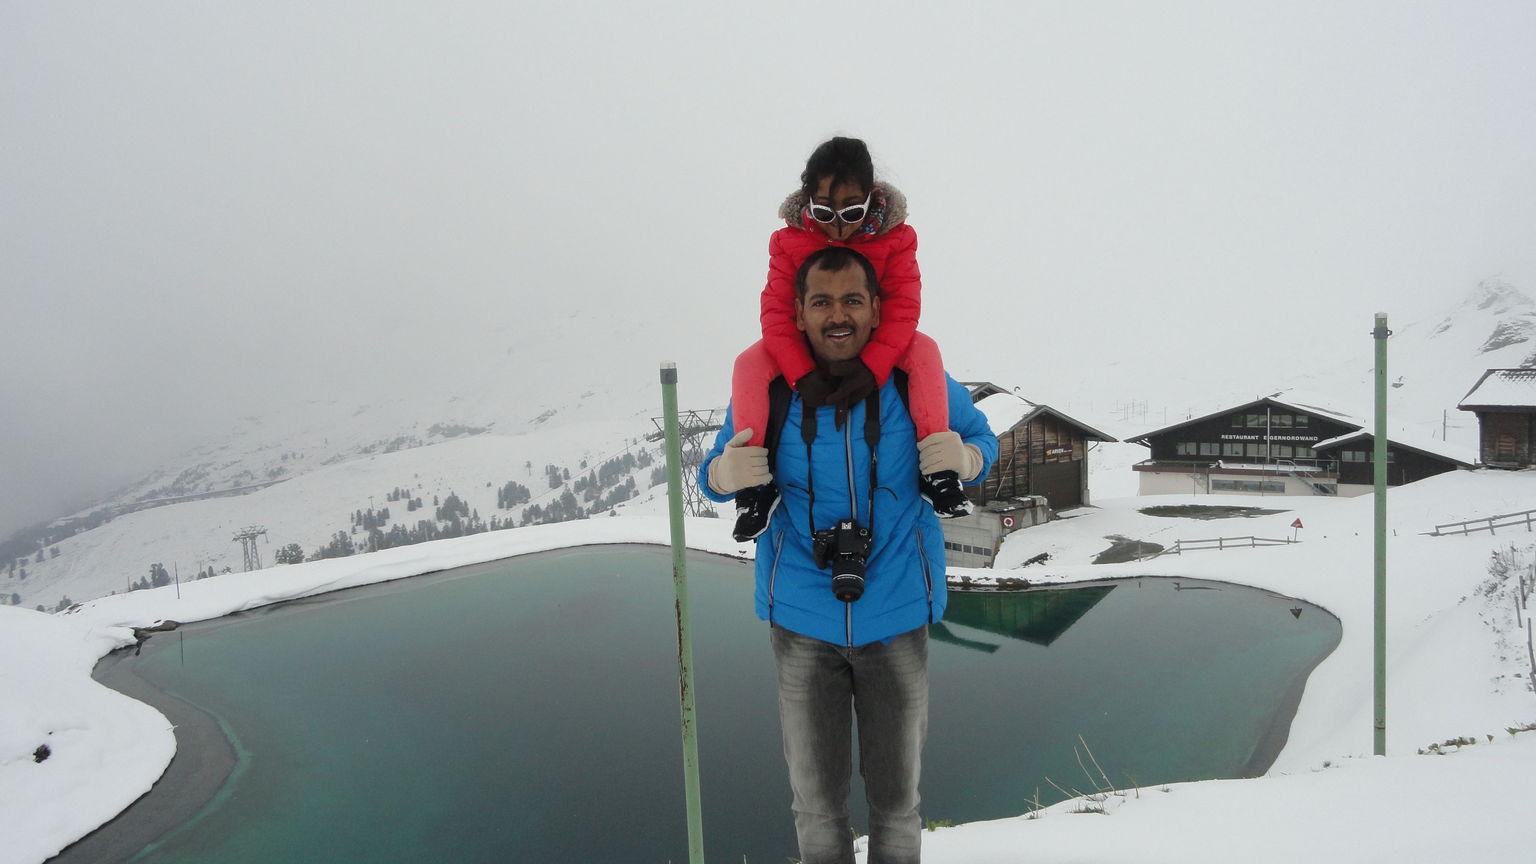 MÁS FOTOS, Excursión alpina de un día al Oberland bernés desde Zúrich: Vista panorámica de Kleine Scheidegg y Jungfraujoch